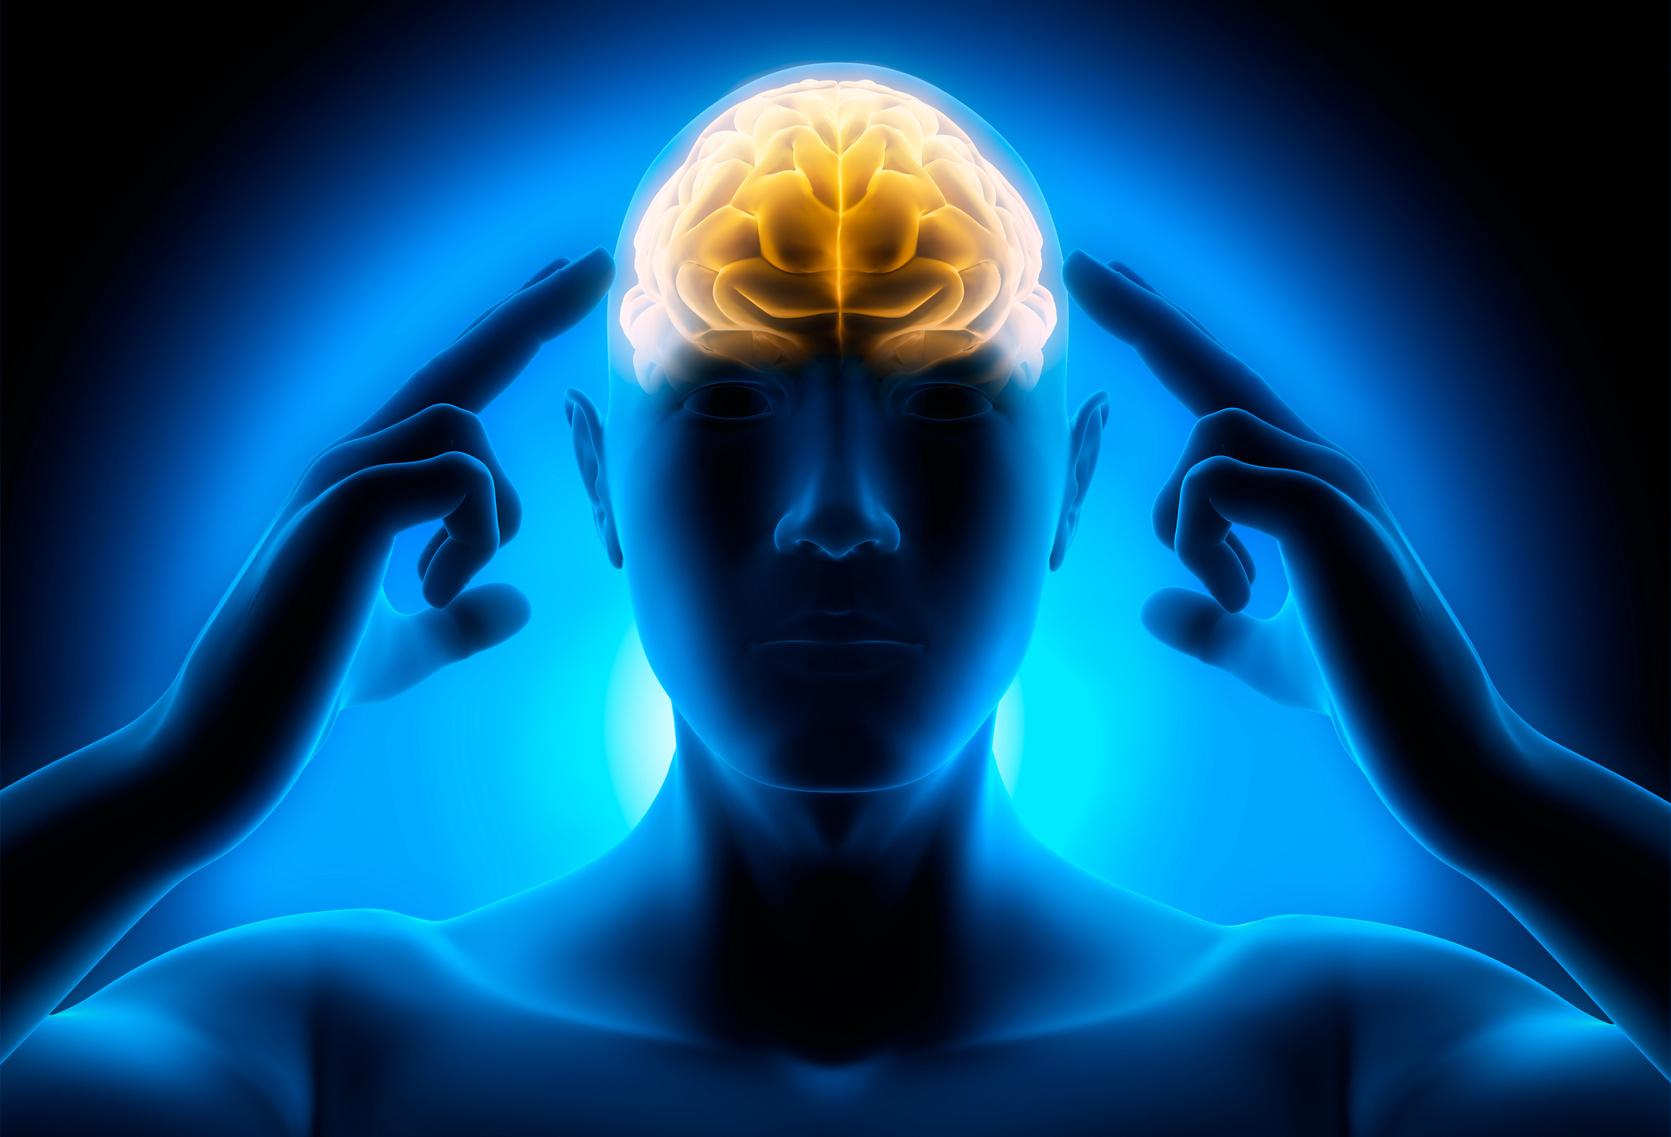 Психолог Эпштейн рассказал о способности мозга передавать сигналы из параллельных миров